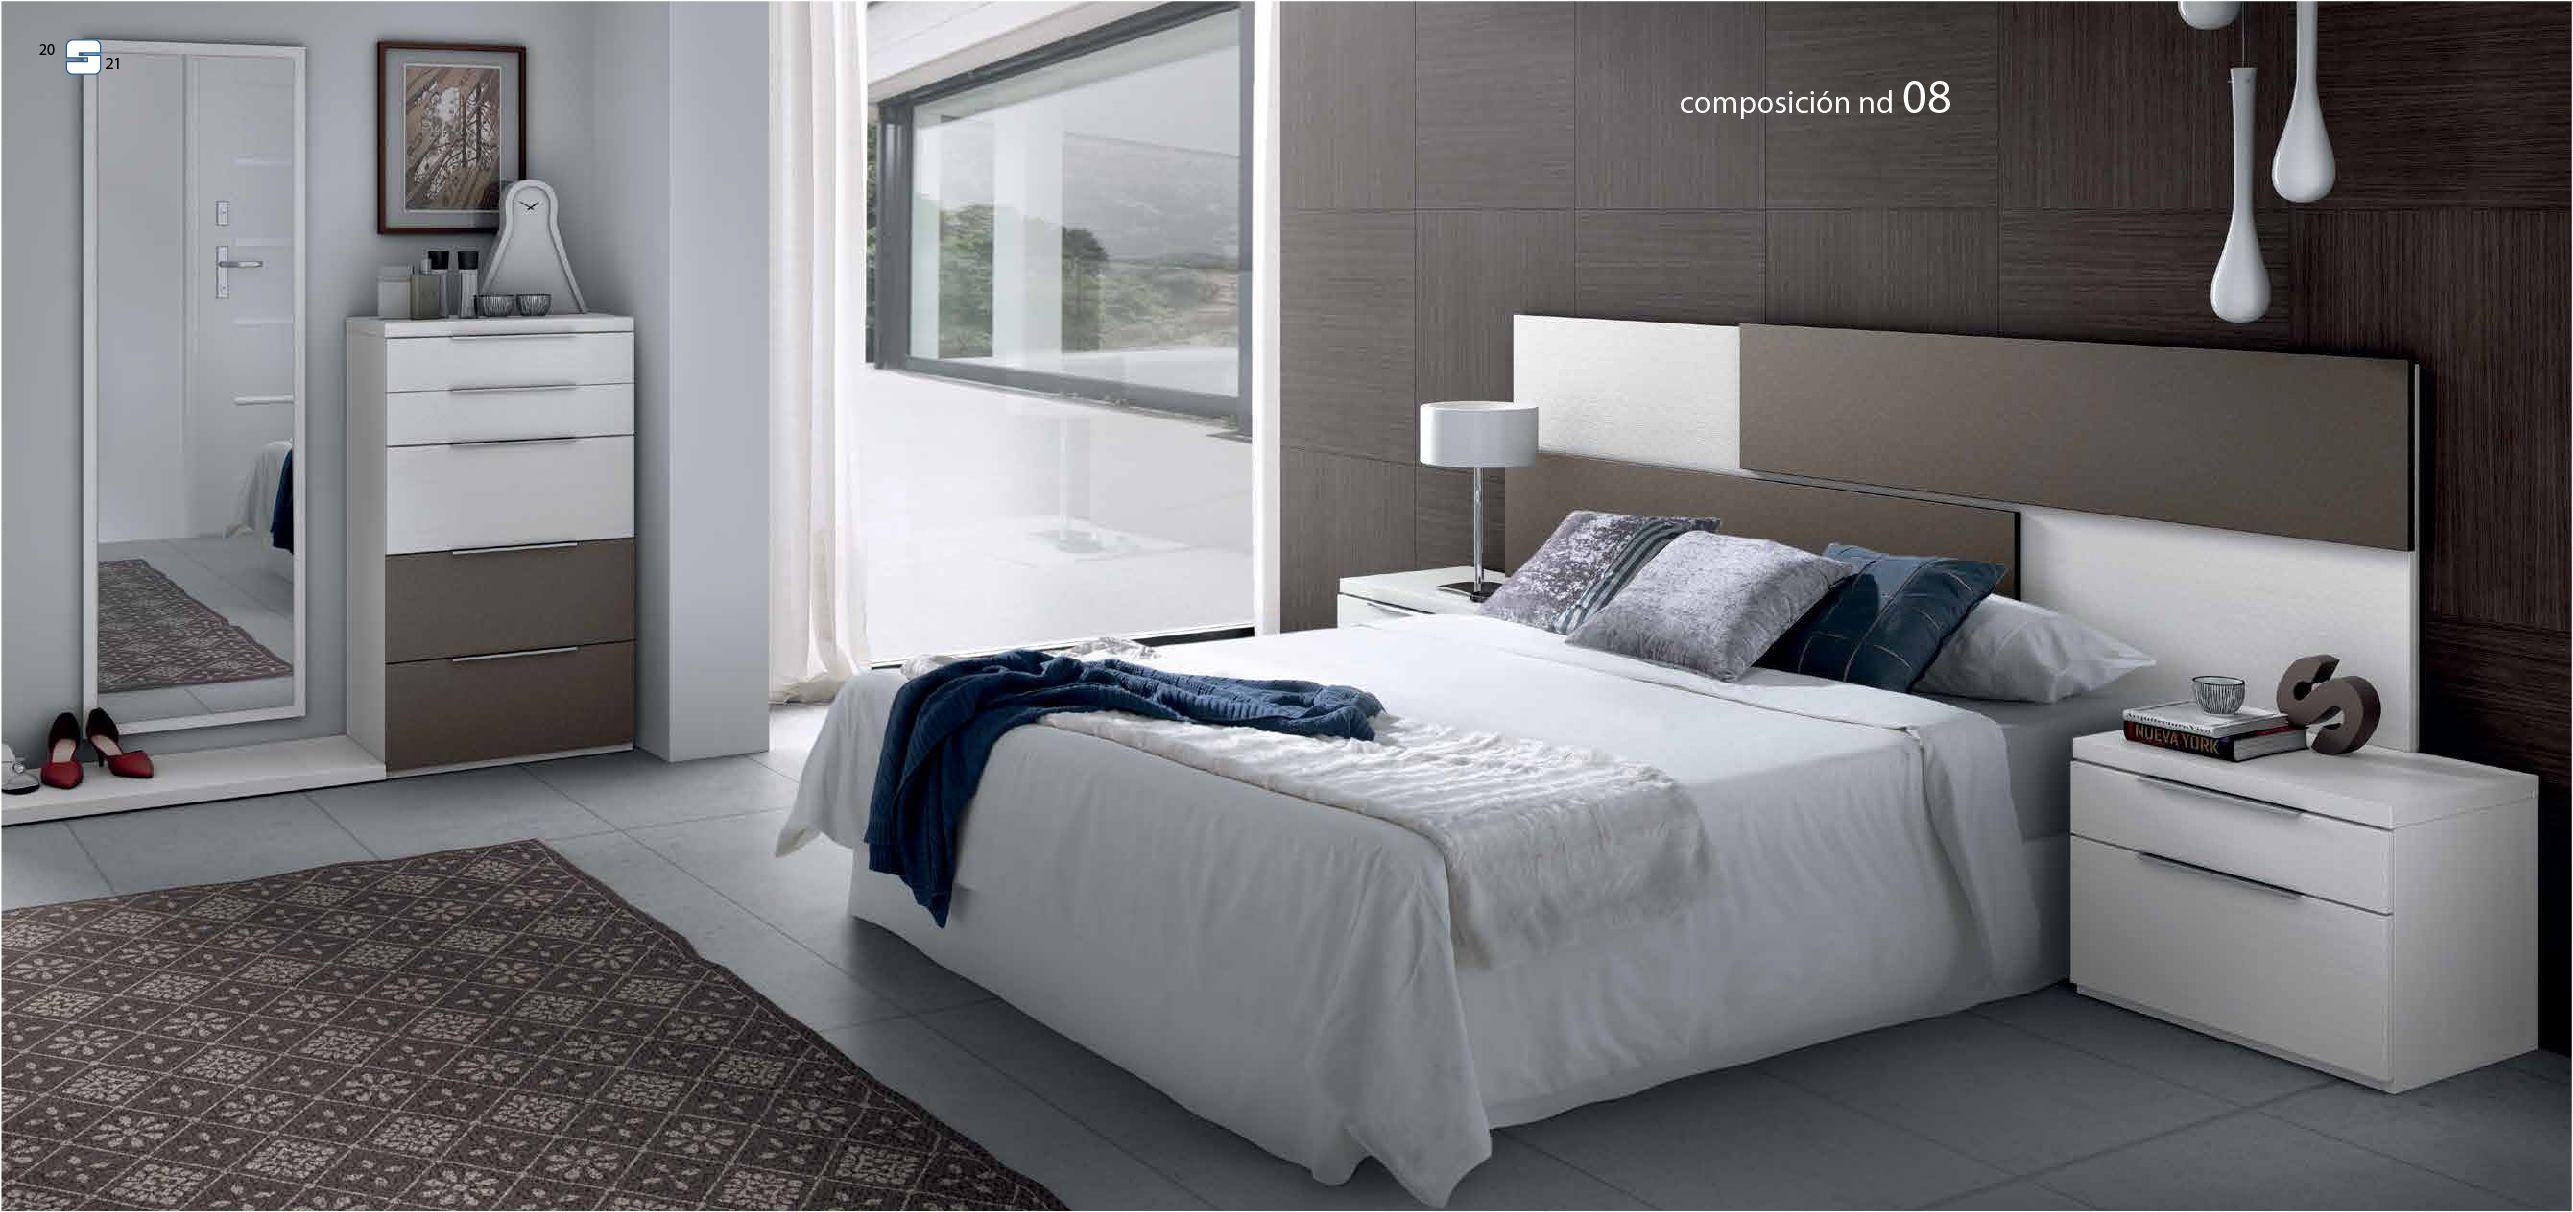 Habitaci n de invitados con estilo creaespai muebles - Habitacion de invitados ...